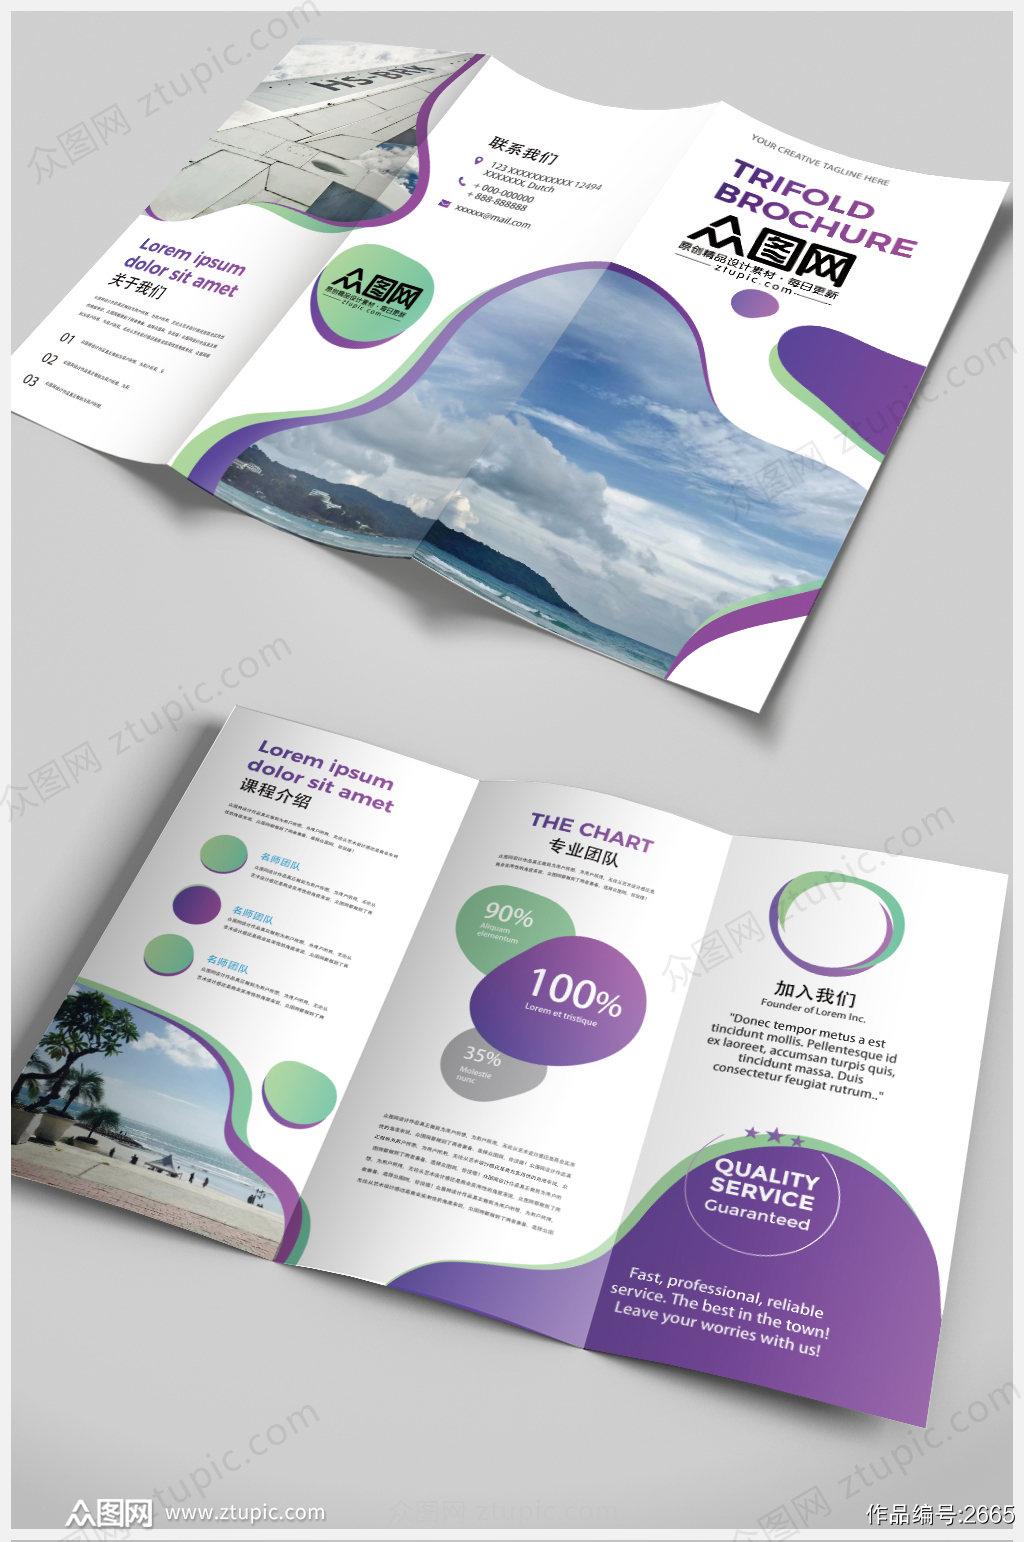 紫色渐变不规则图案企业公司三折页模板素材